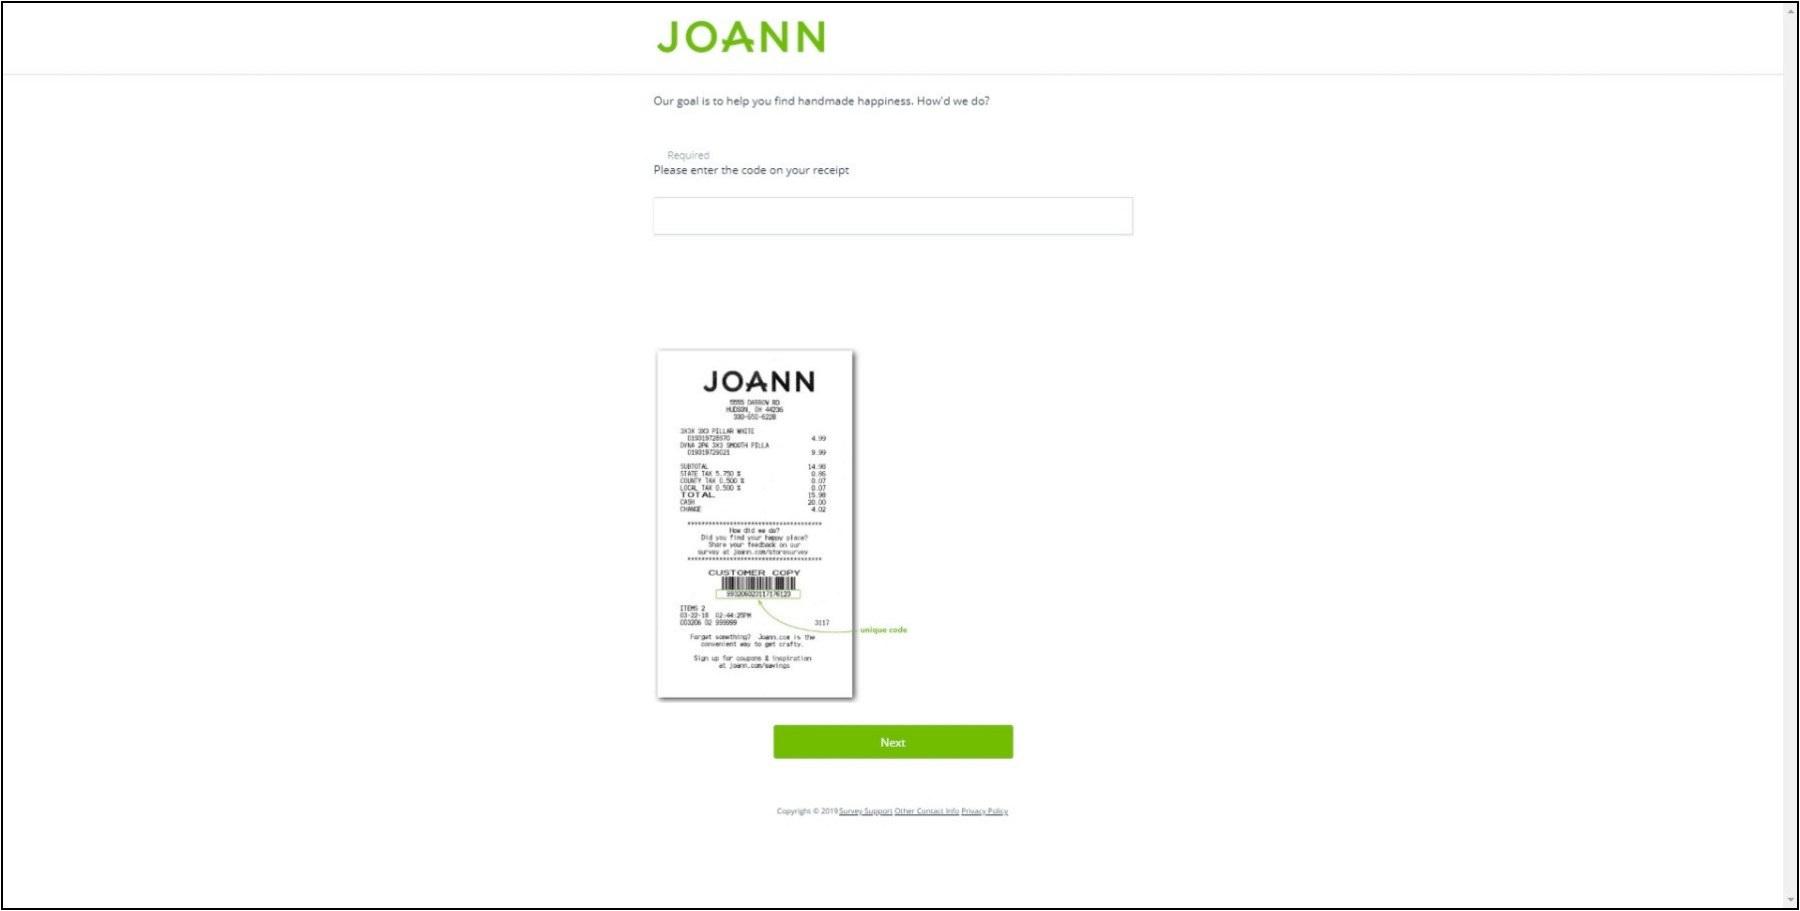 www.TellJoAnn.com